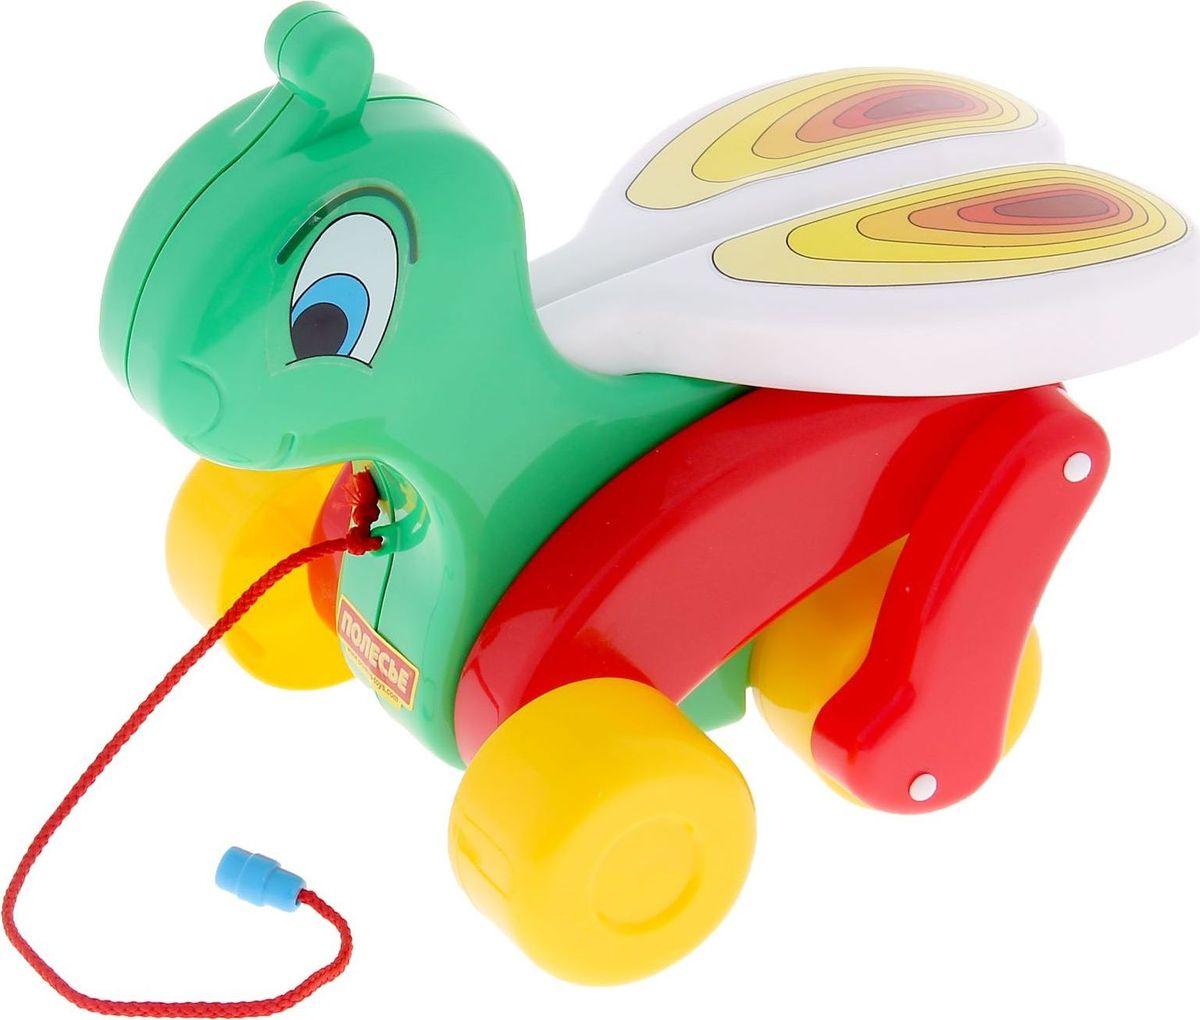 Полесье Каталка Сверчок, цвет в ассортименте каталка игрушка полесье биосфера бурундук 54449